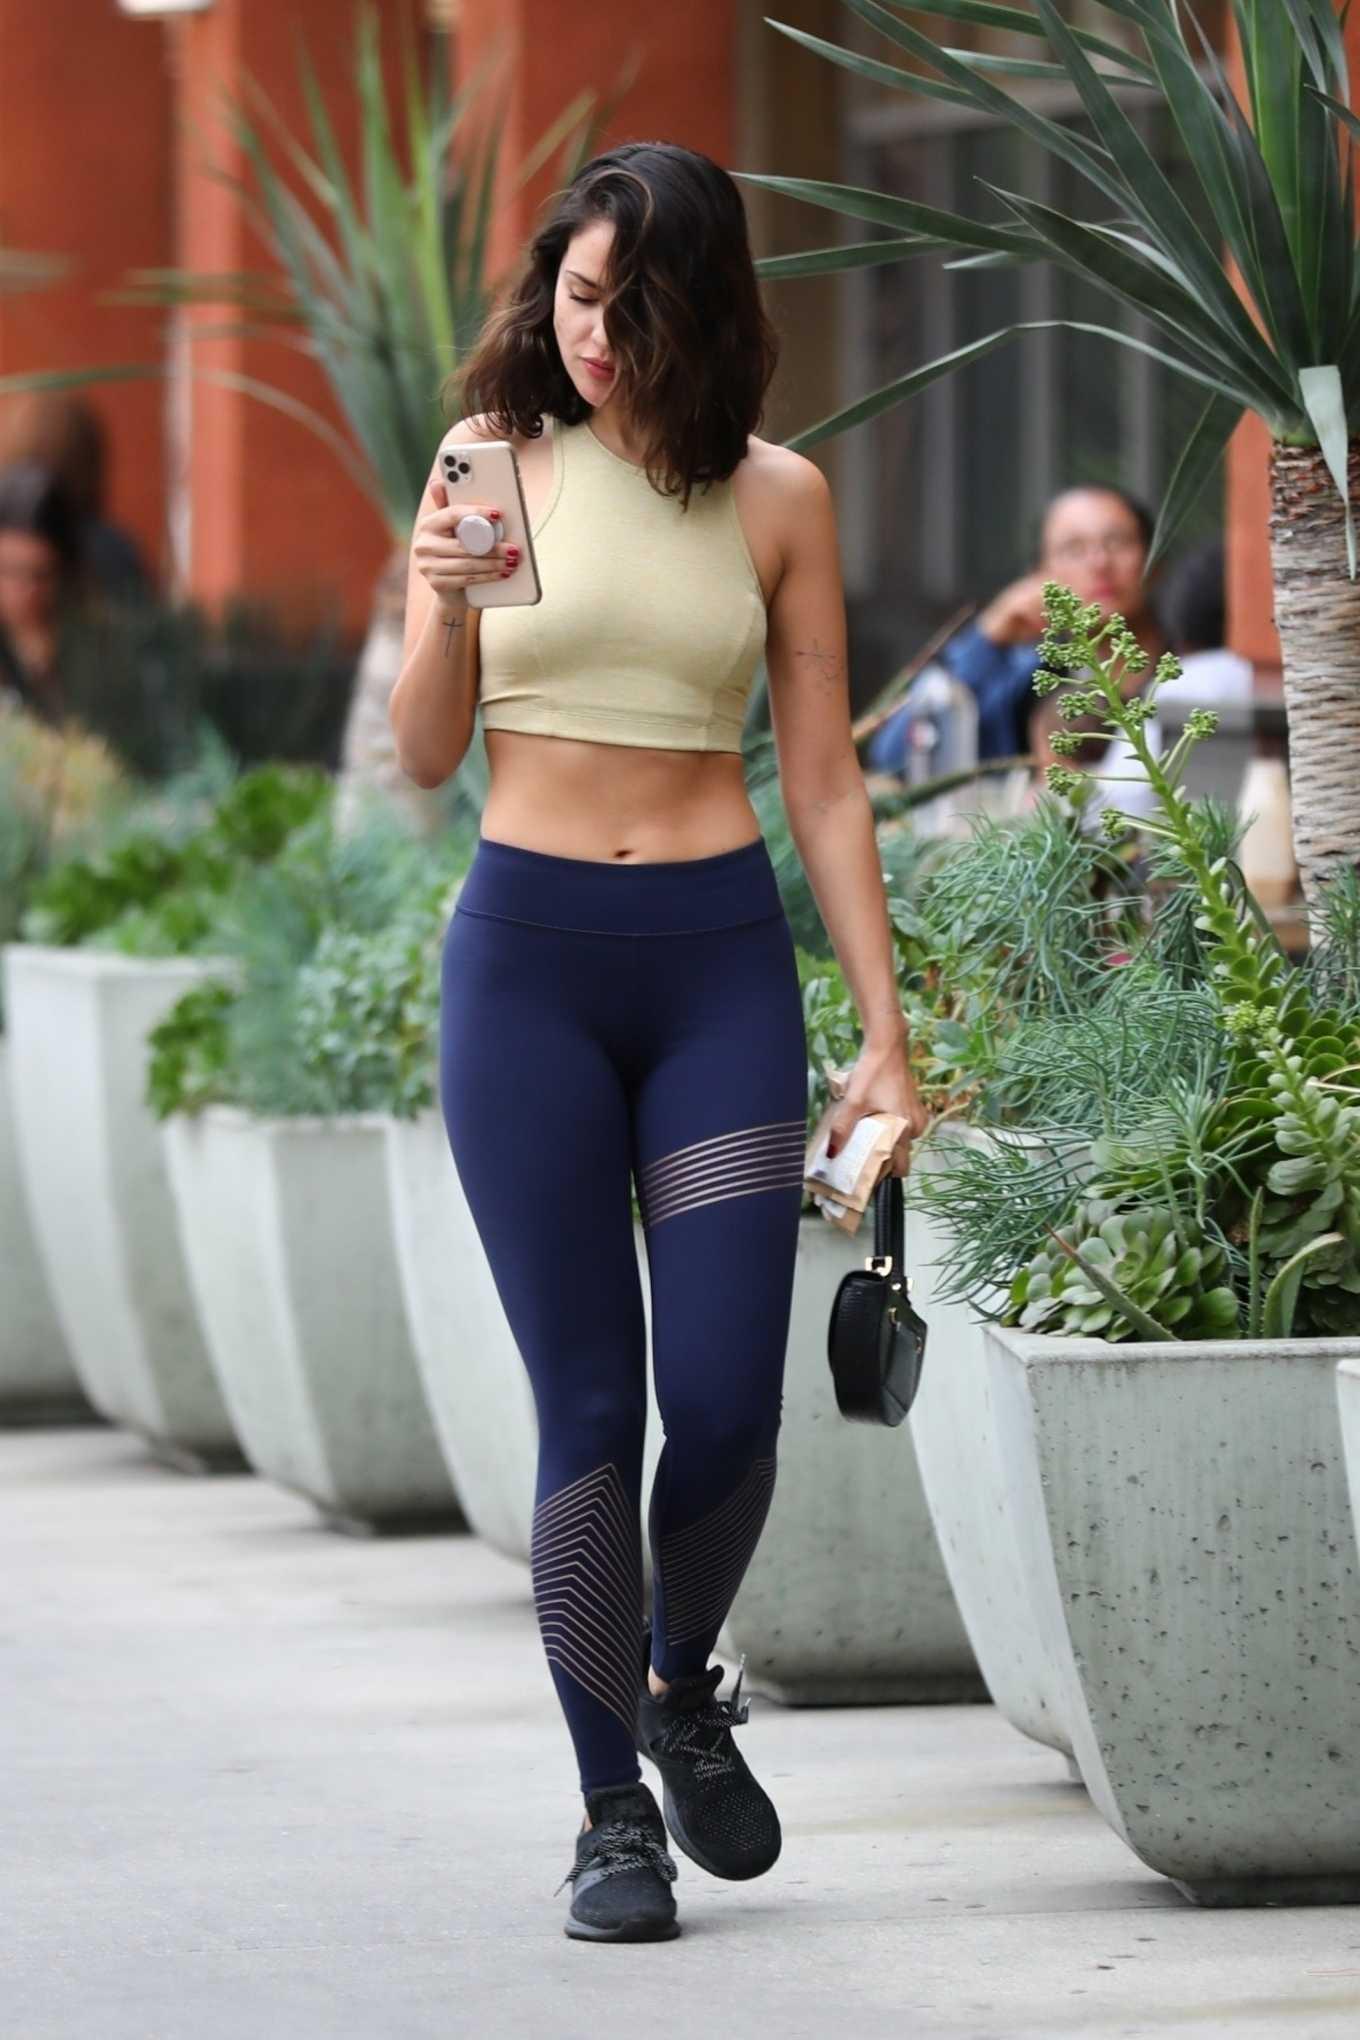 Eiza Gonzalez - In leggings seen leaving Erewhon Market in LA